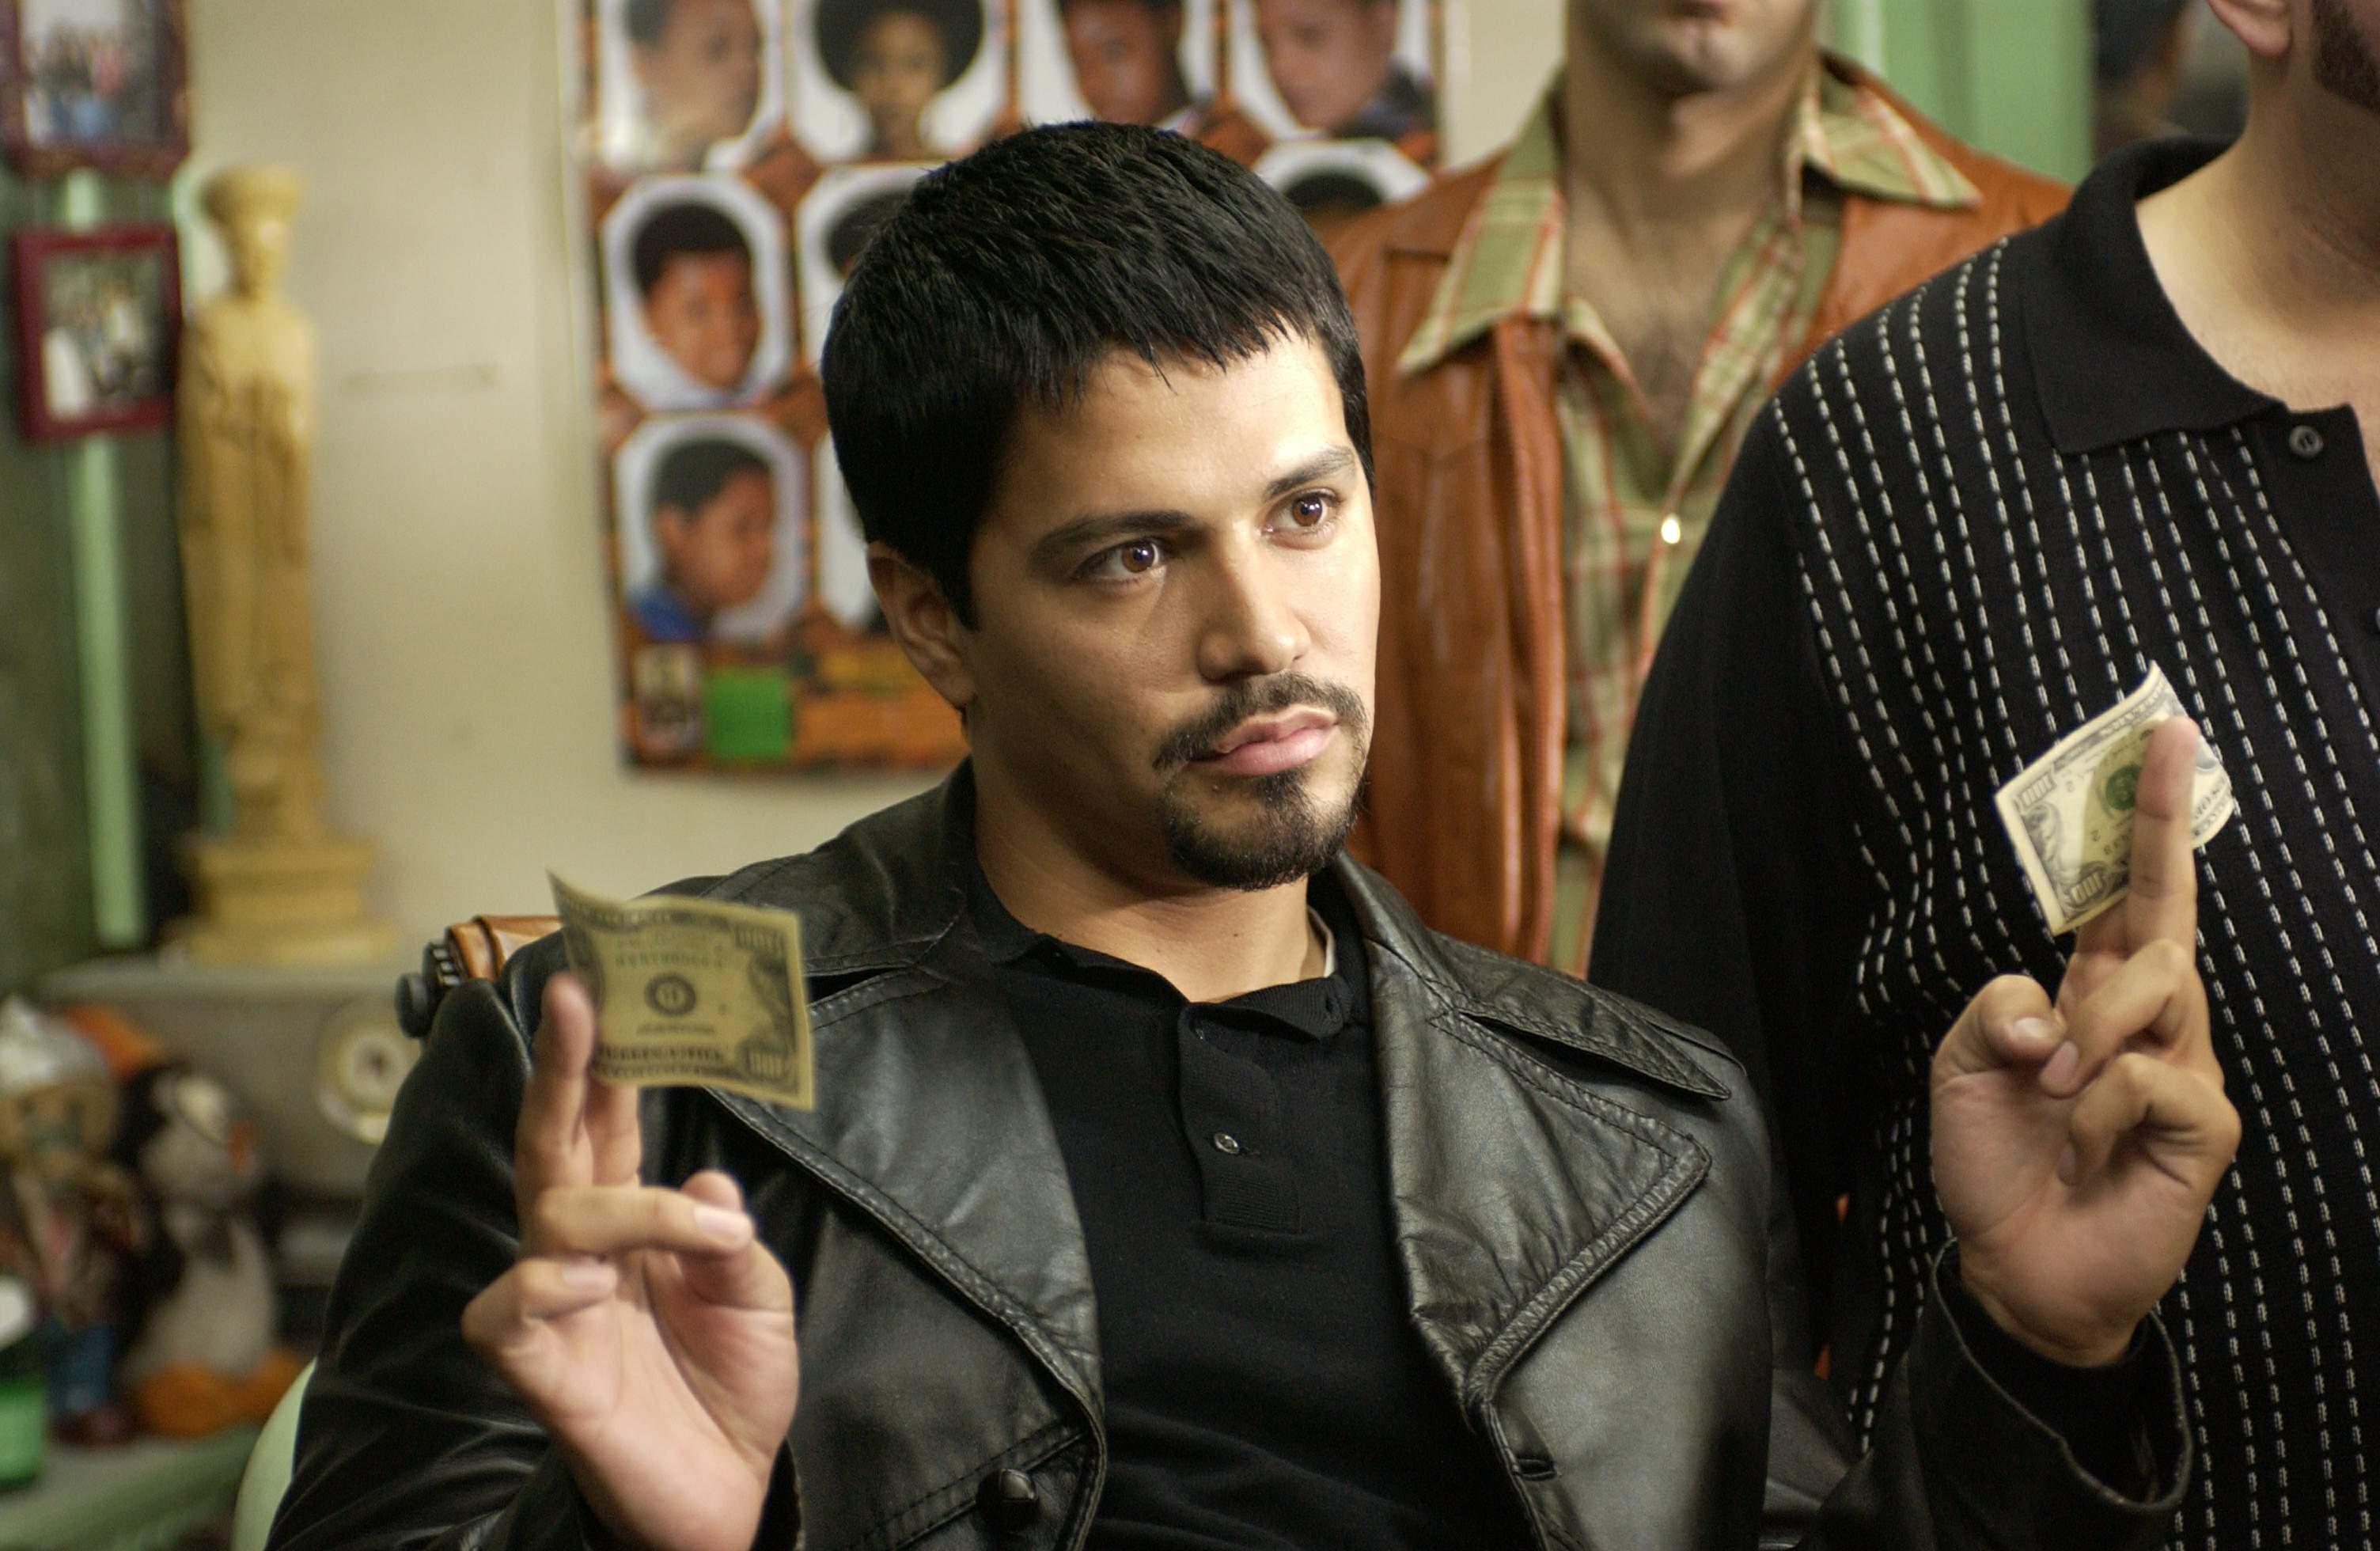 Jay Hernandez to Star as El Diablo in 'Suicide Squad'